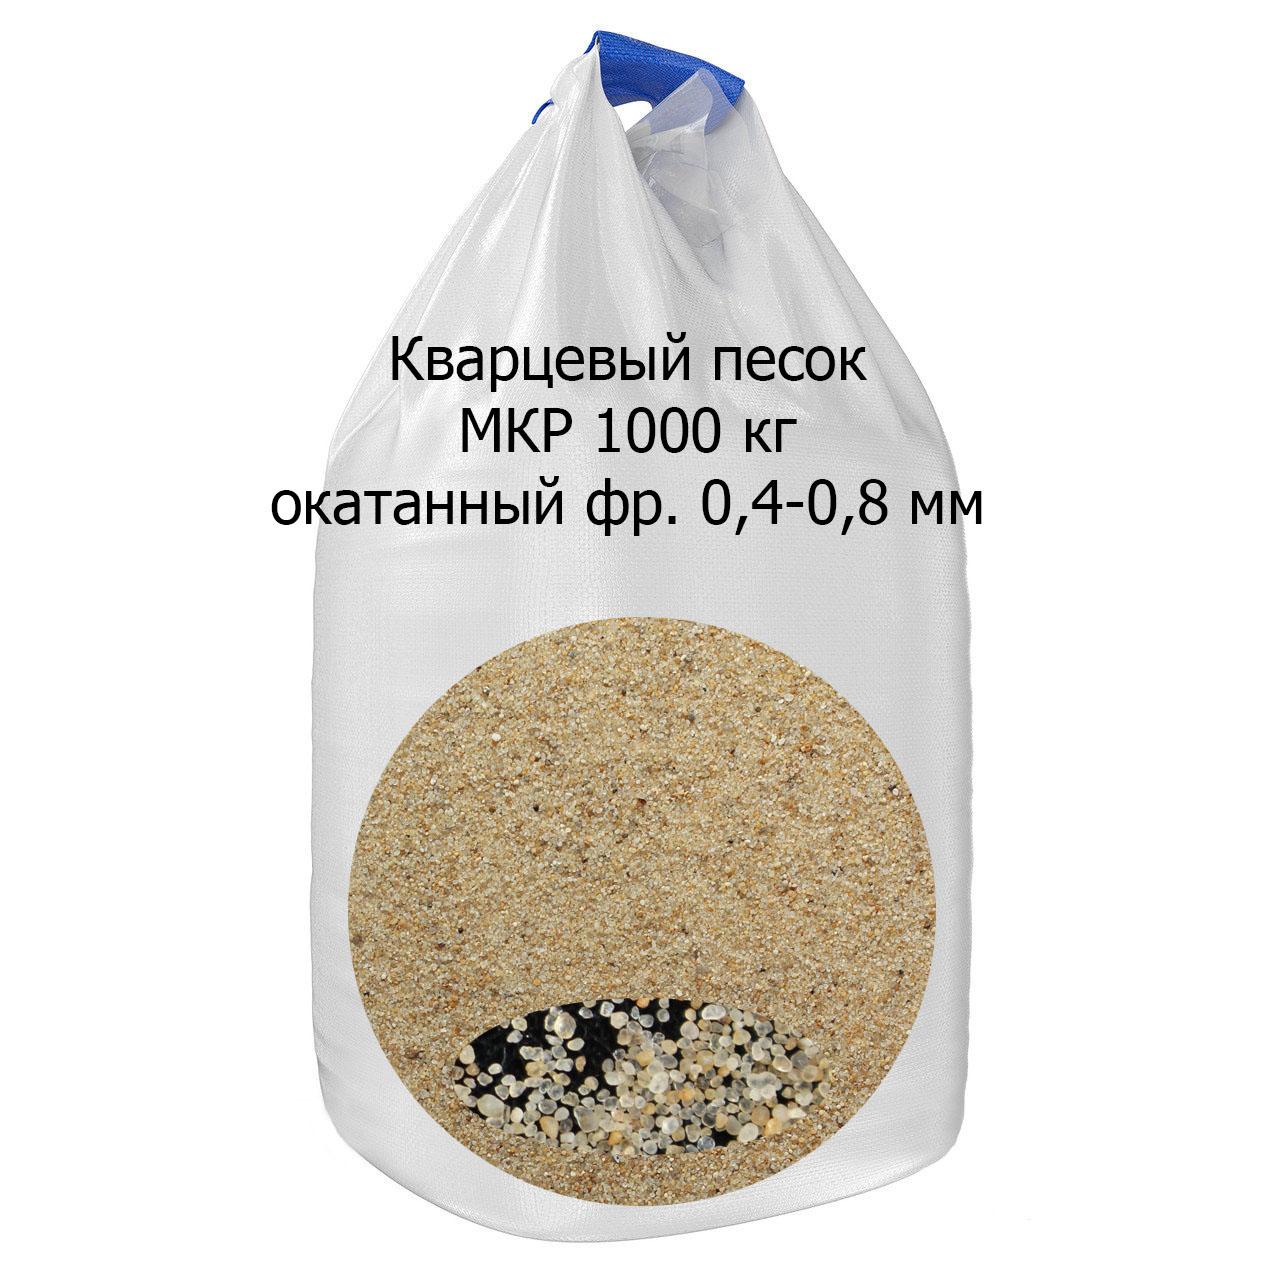 Кварцевый песок 0,4-0,8 мм в МКР (биг-бэг) 1000 кг